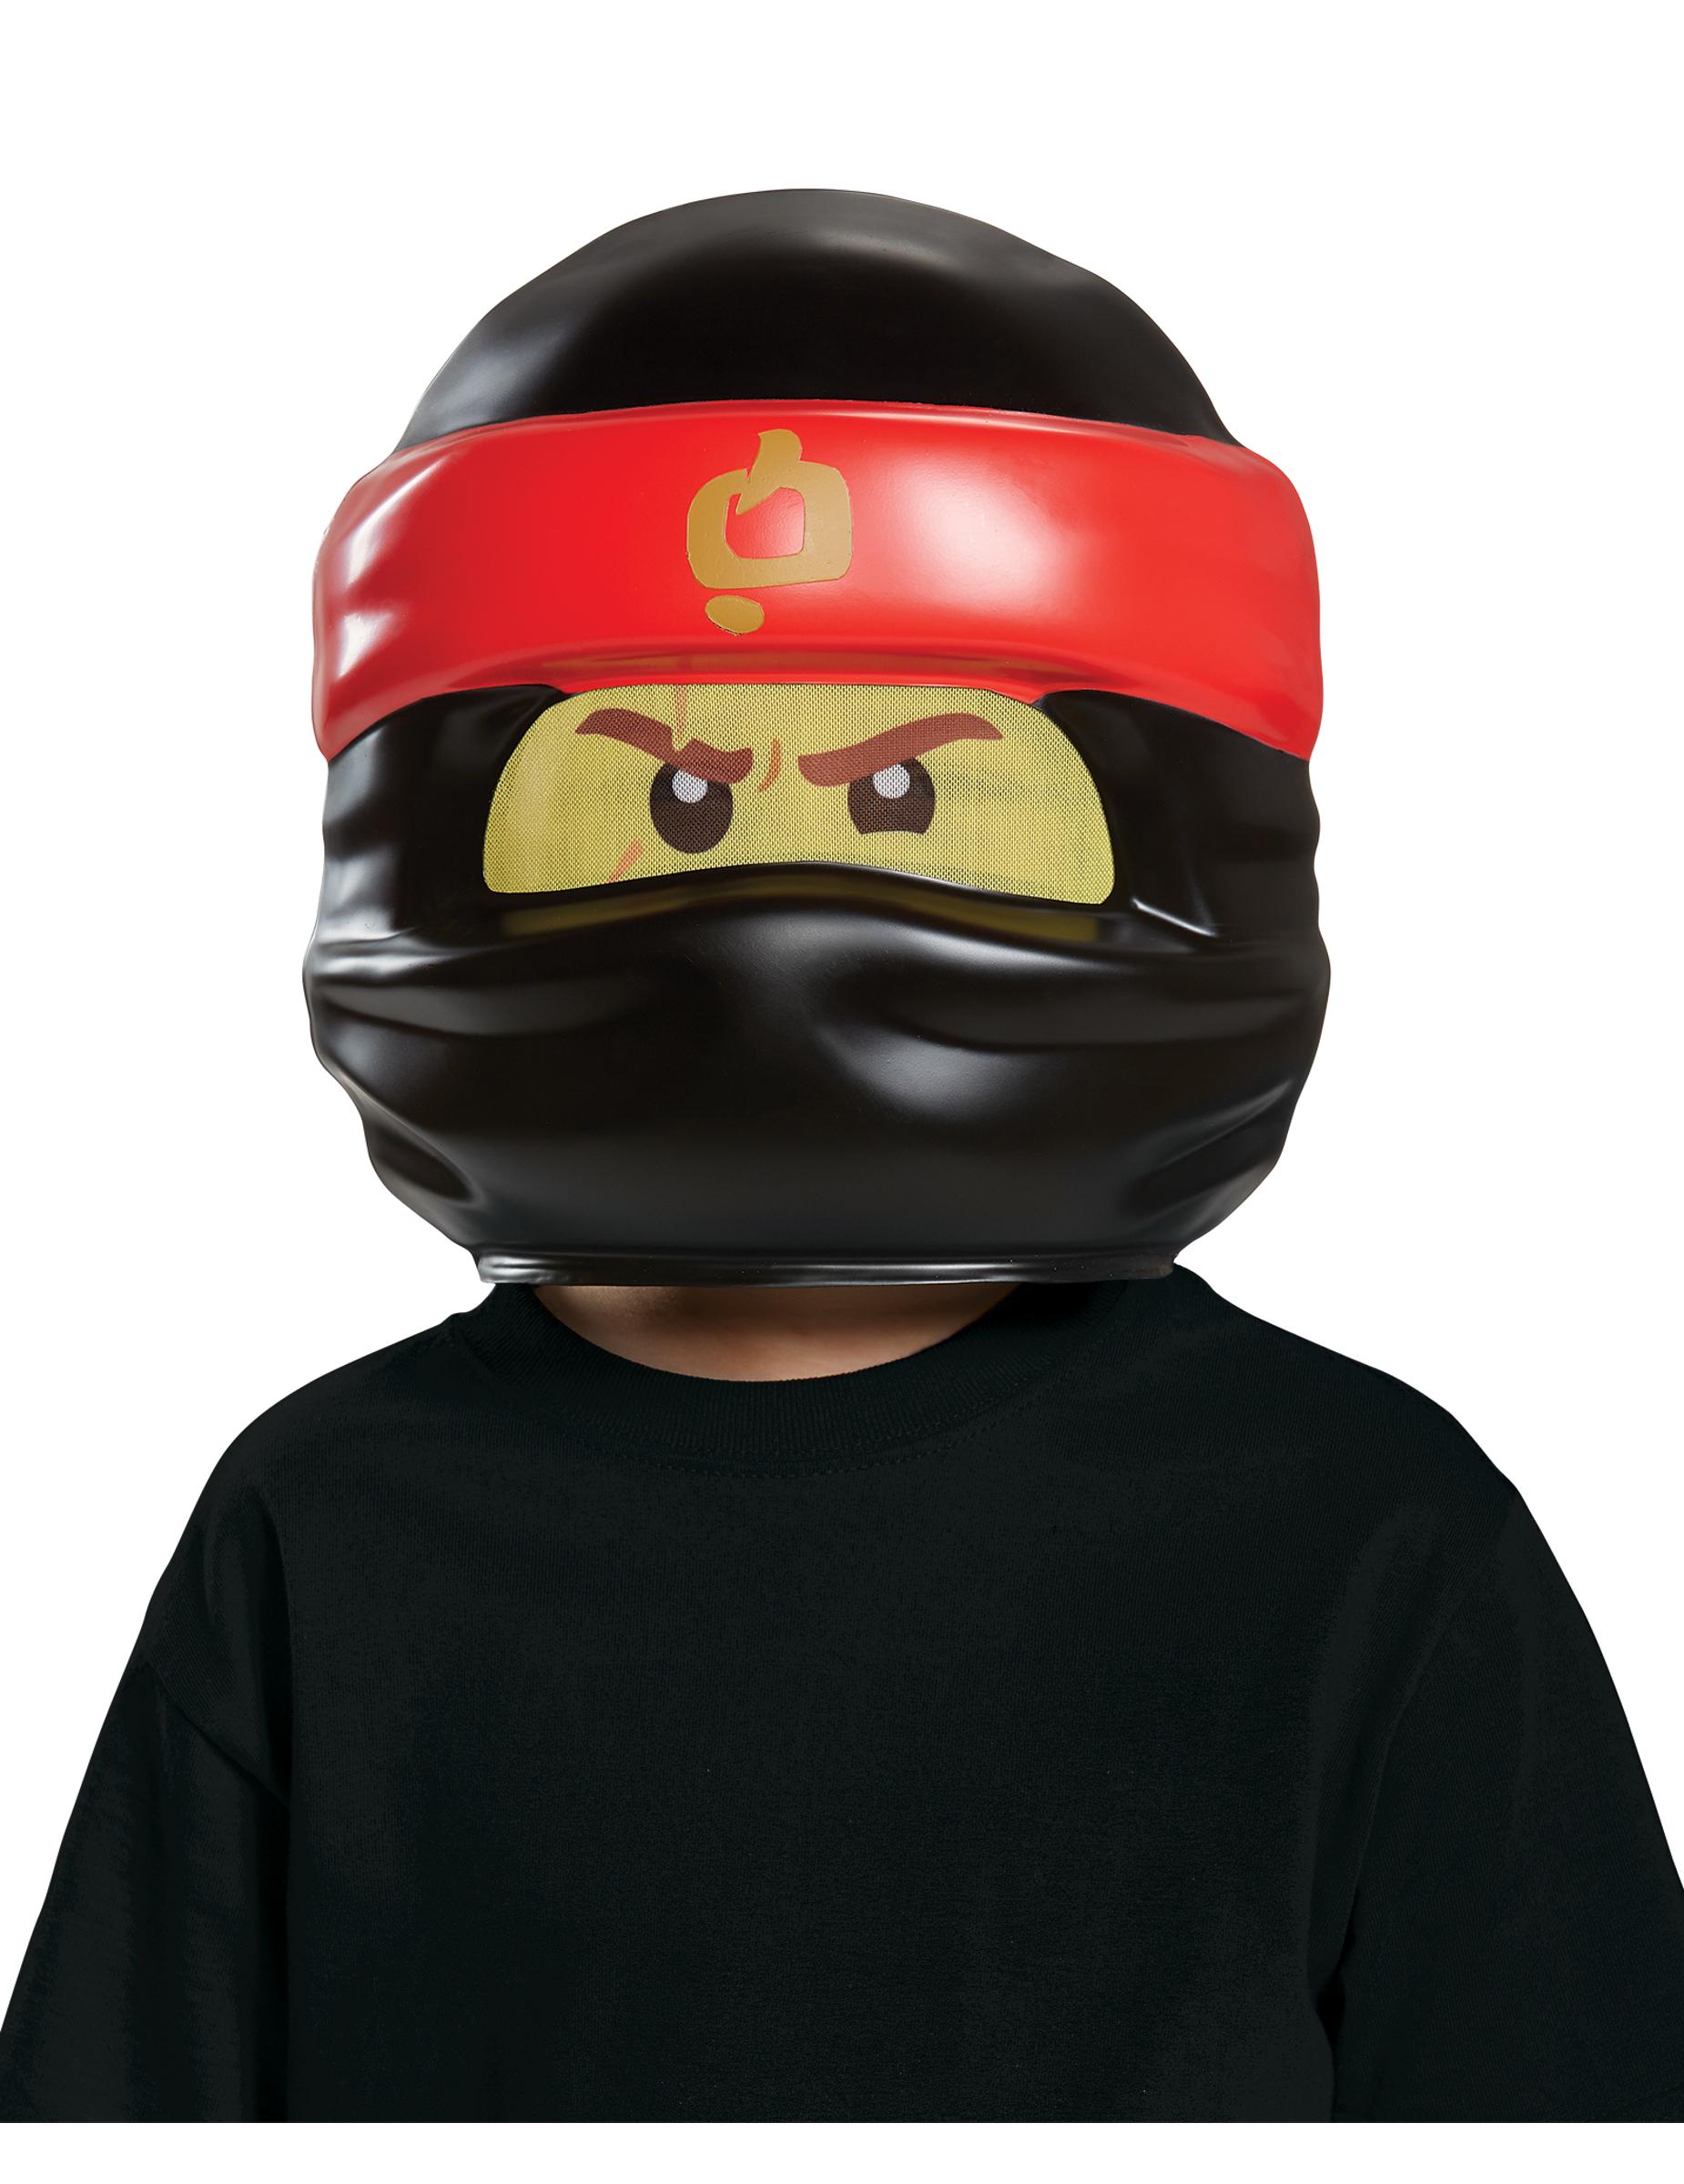 kai ninjago maske f r kinder. Black Bedroom Furniture Sets. Home Design Ideas